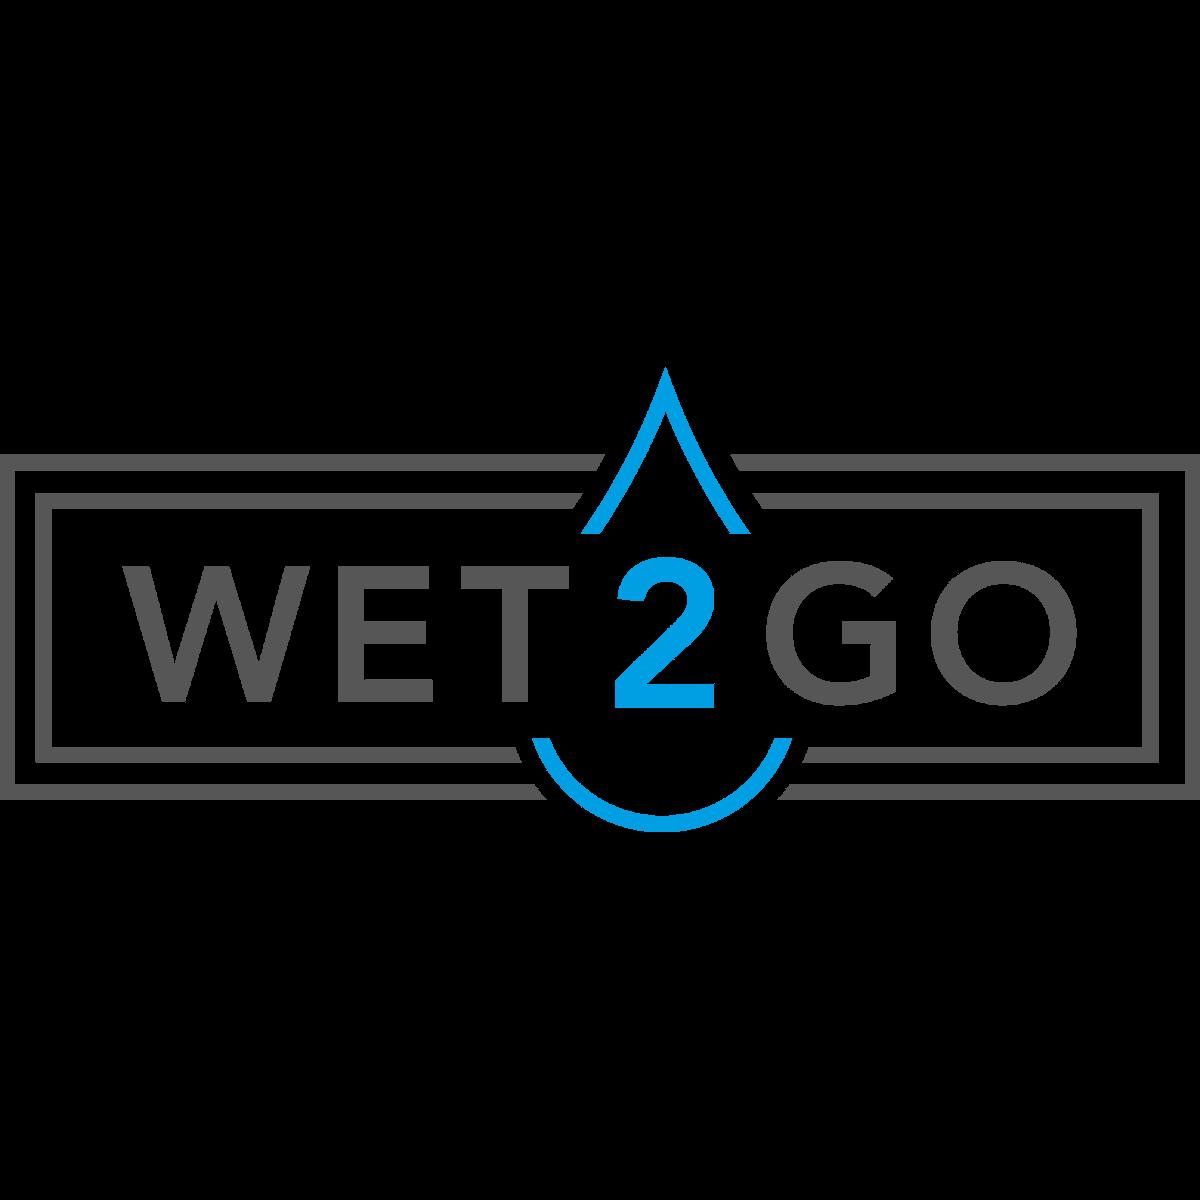 Wet2Go